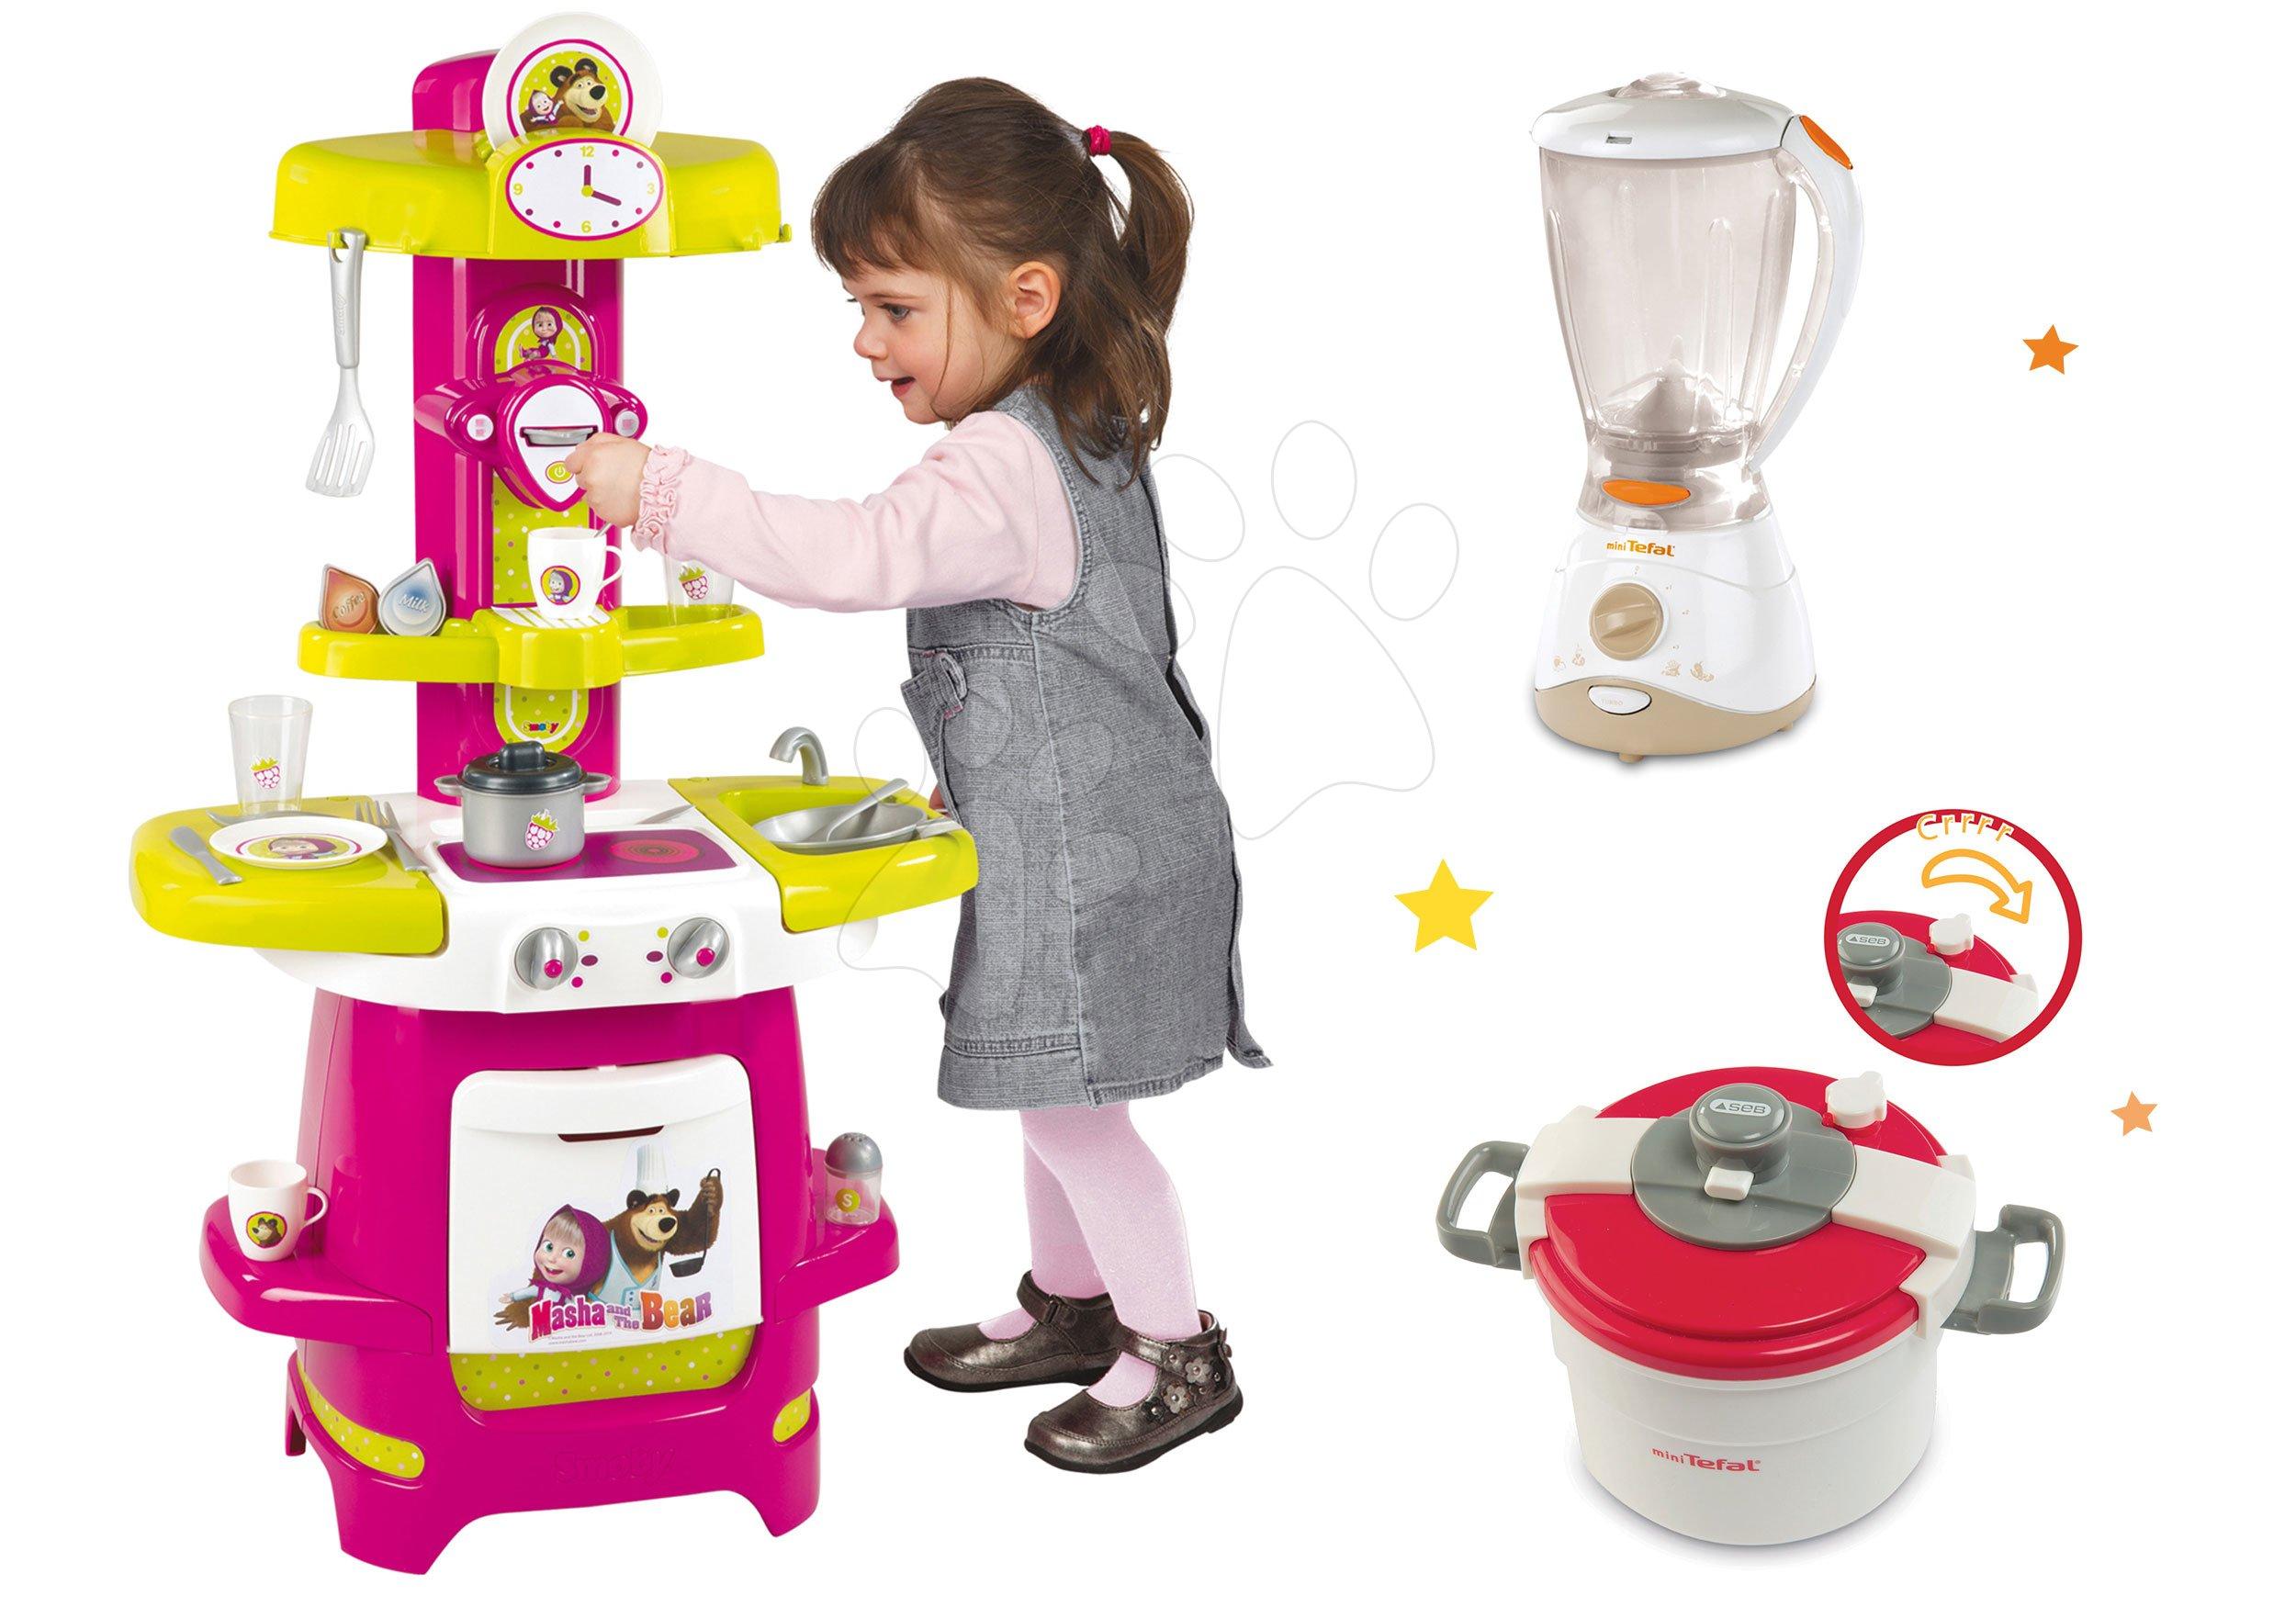 Smoby set kuchynka Cooky, mixér a tlakový hrniec Mini Tefal 310700-5